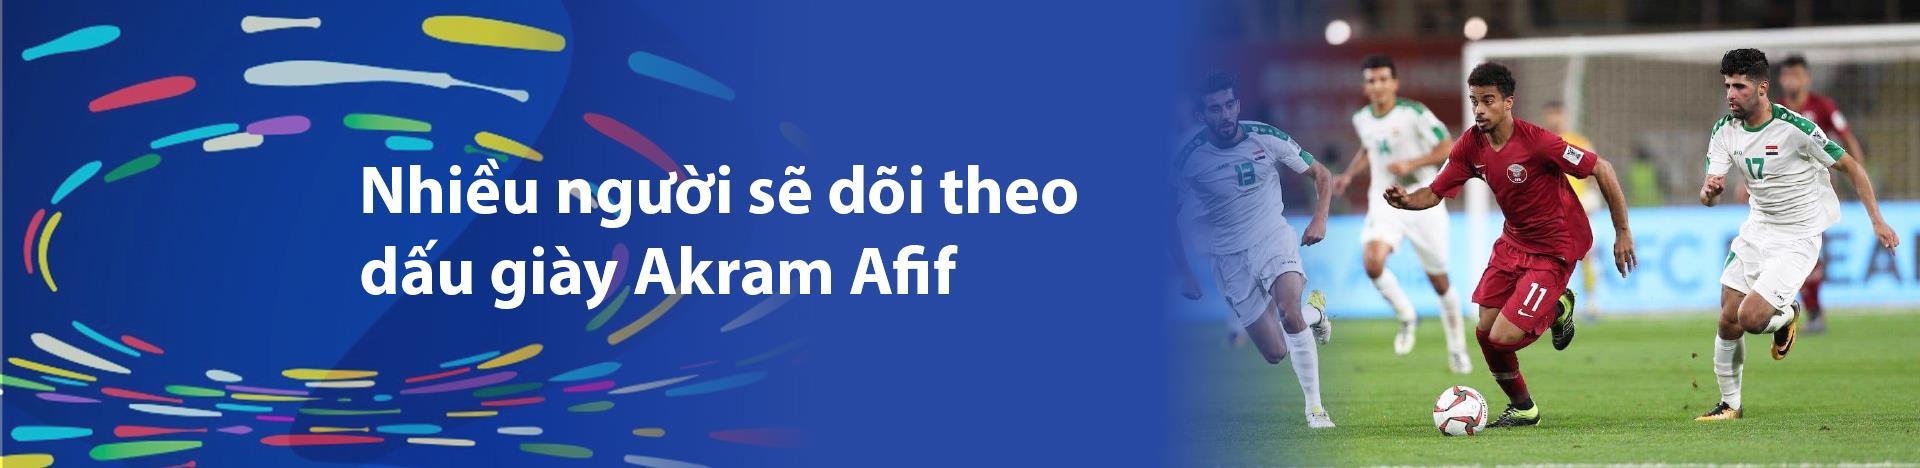 QATAR - Cuộc rong chơi của nhà vô địch châu Á ảnh 3